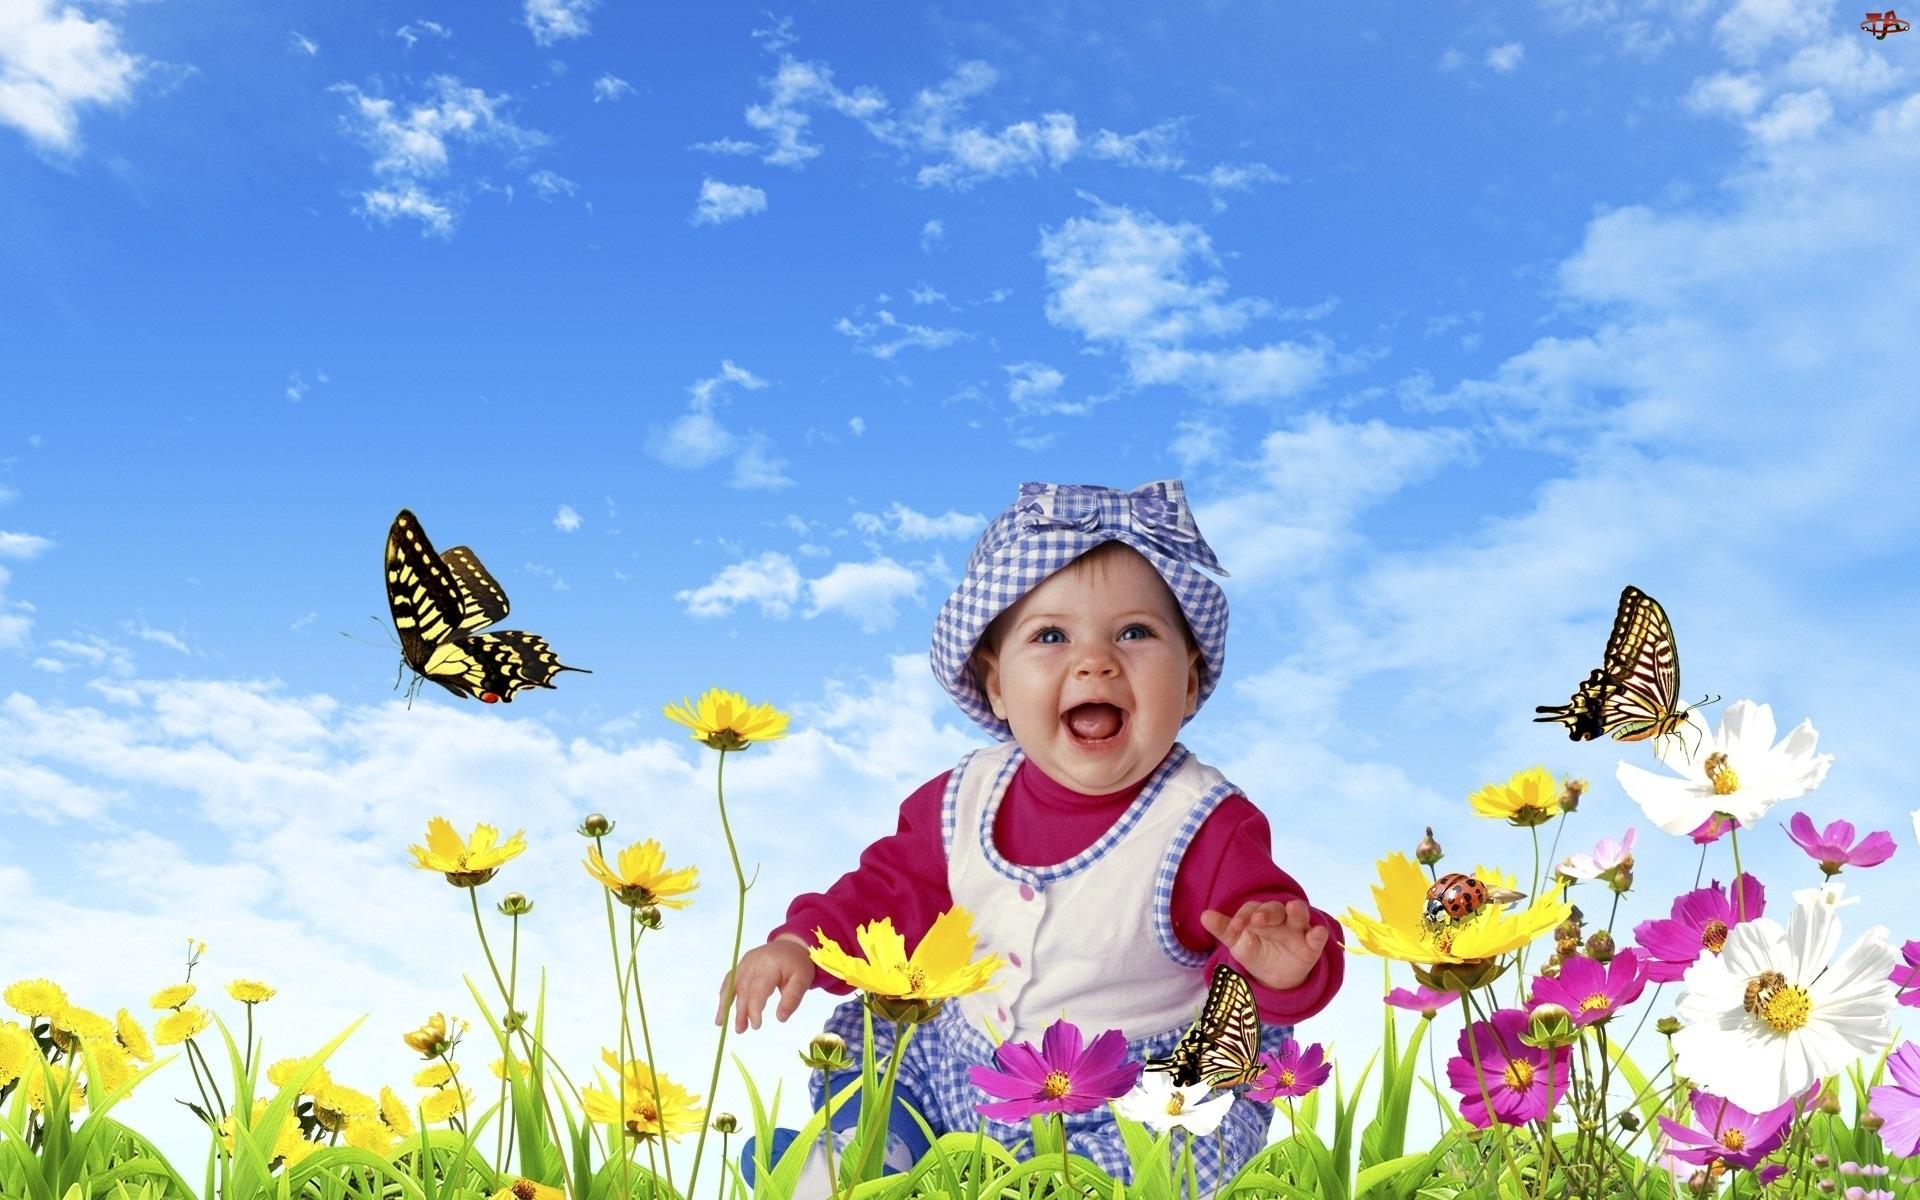 Mała, Motyle, Dziewczynka, Łąka